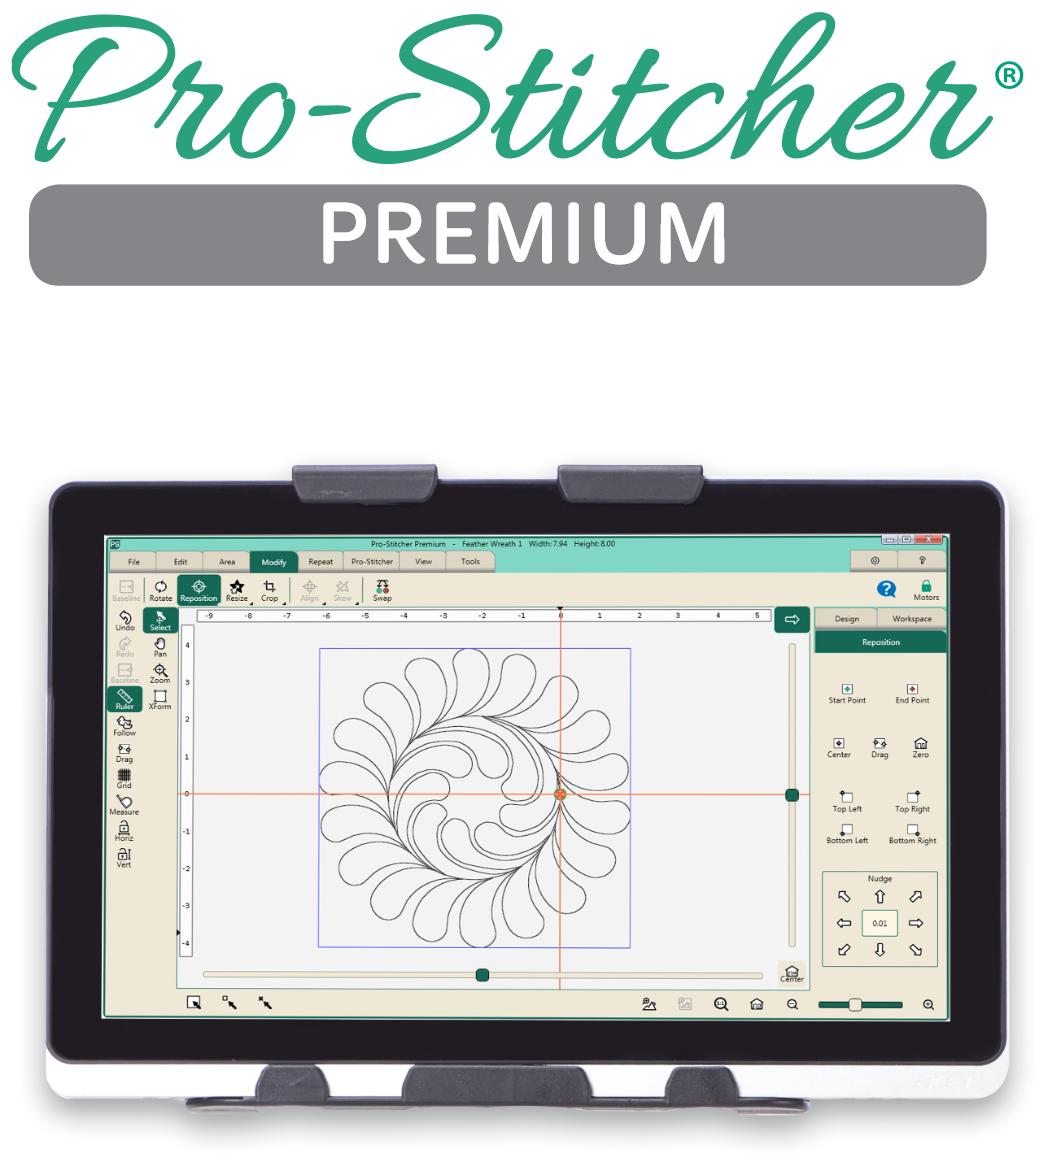 Prostitcher Premium image.png